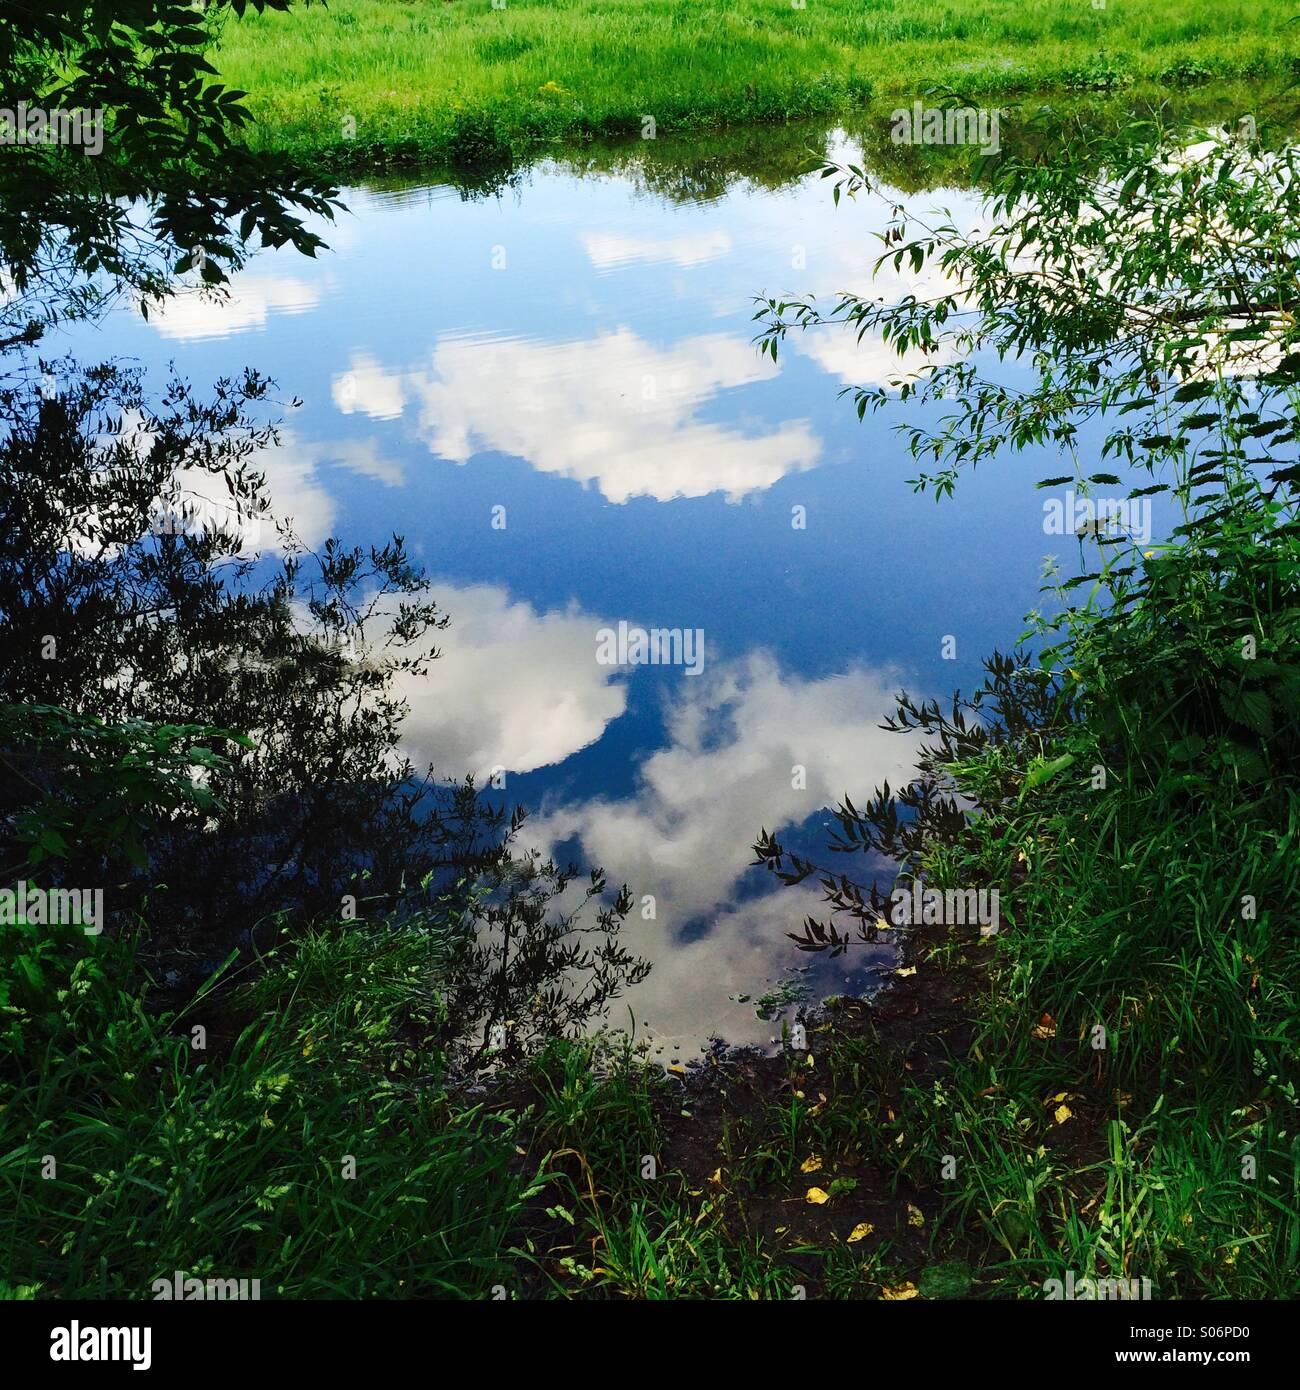 Scène d'été idyllique avec des nuages blancs reflètent dans la rivière. Photo Stock